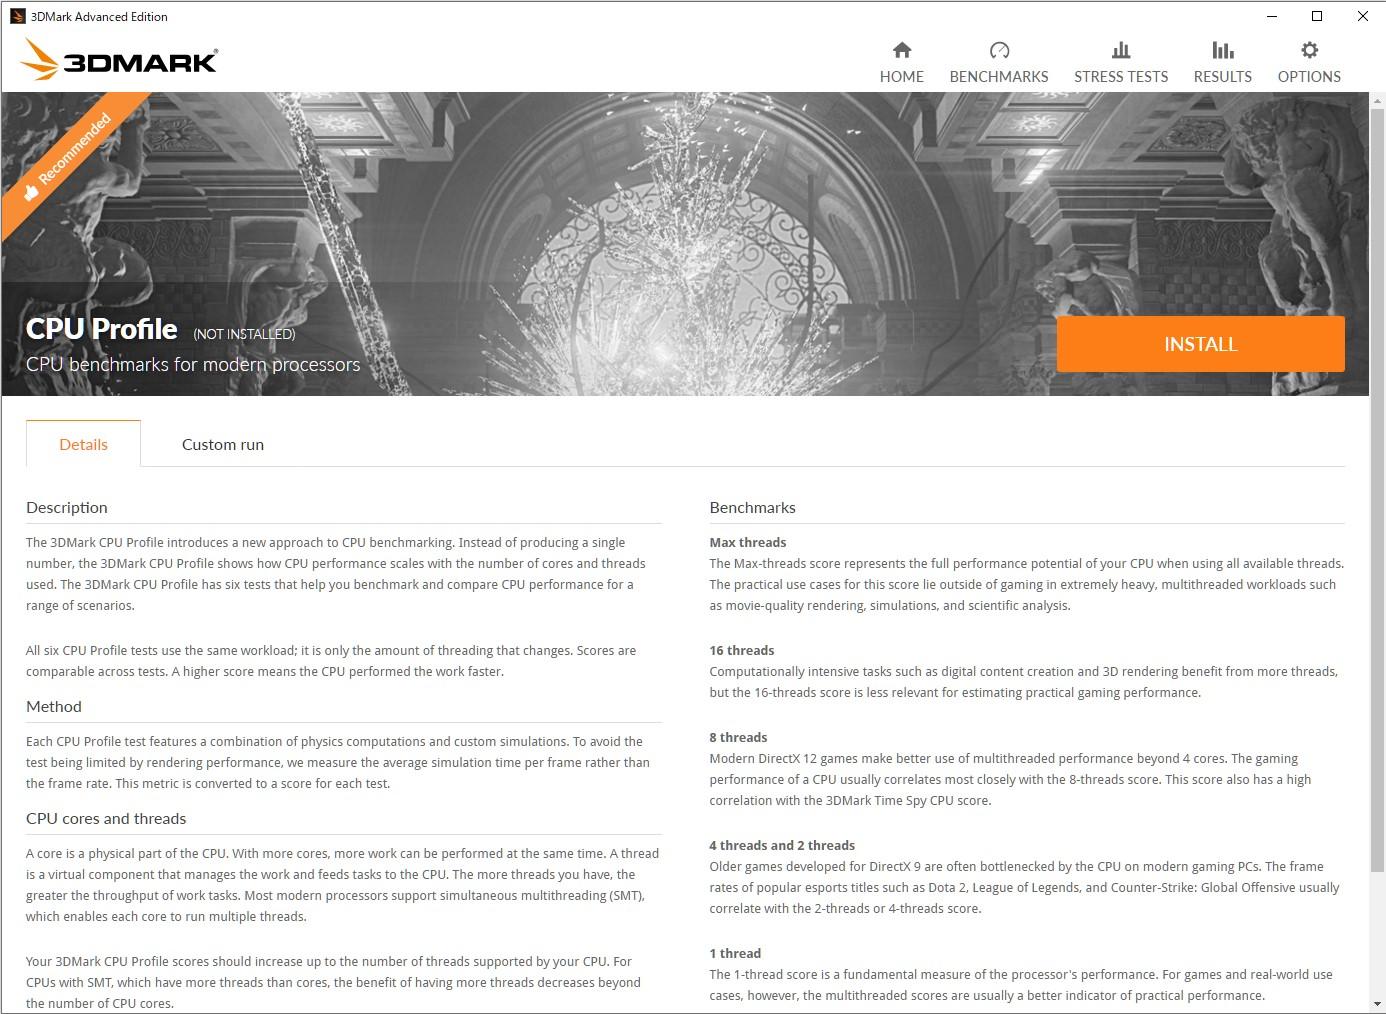 「3DMark」に新しい機能テスト「CPU Profile」が追加